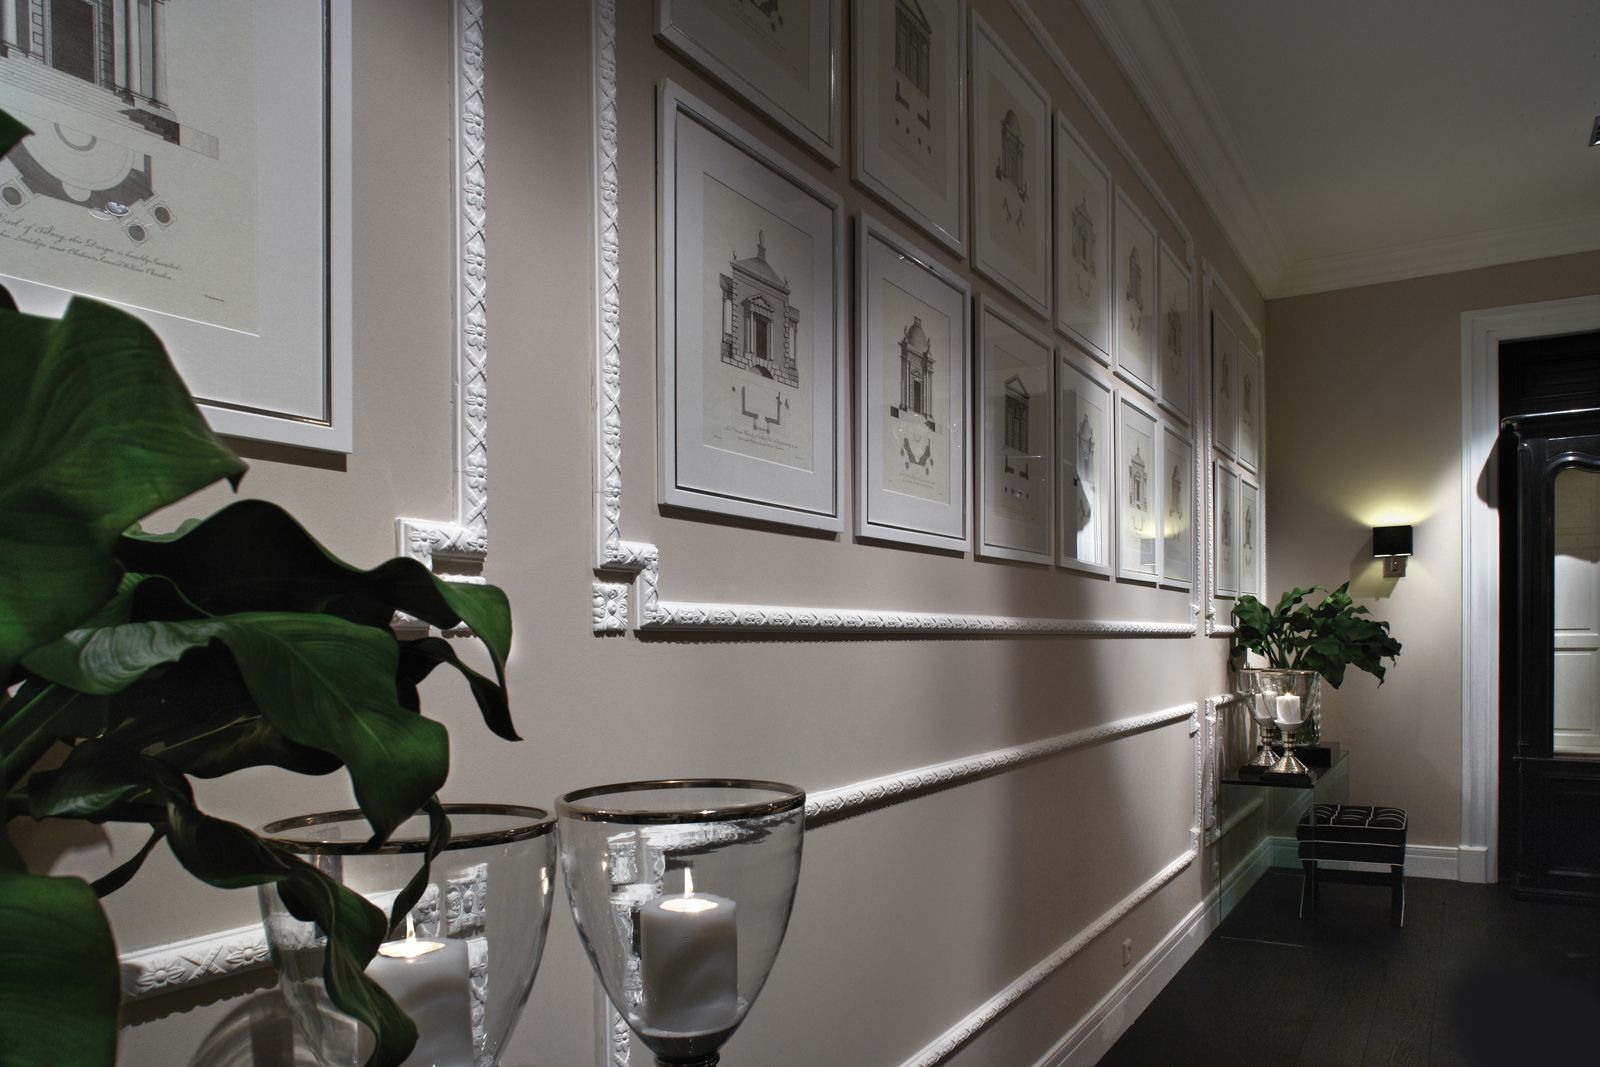 Il rispetto dell'antica arte della decorazione d'interno in gesso, senza trascurare il design. Per Valorizzare I Soffitti E Le Pareti Di Una Stanza Le Cornici Effetto Stucco Sono Facili Da Applicare Da Soli E D Pareti Cornice Pareti In Gesso Decorazioni